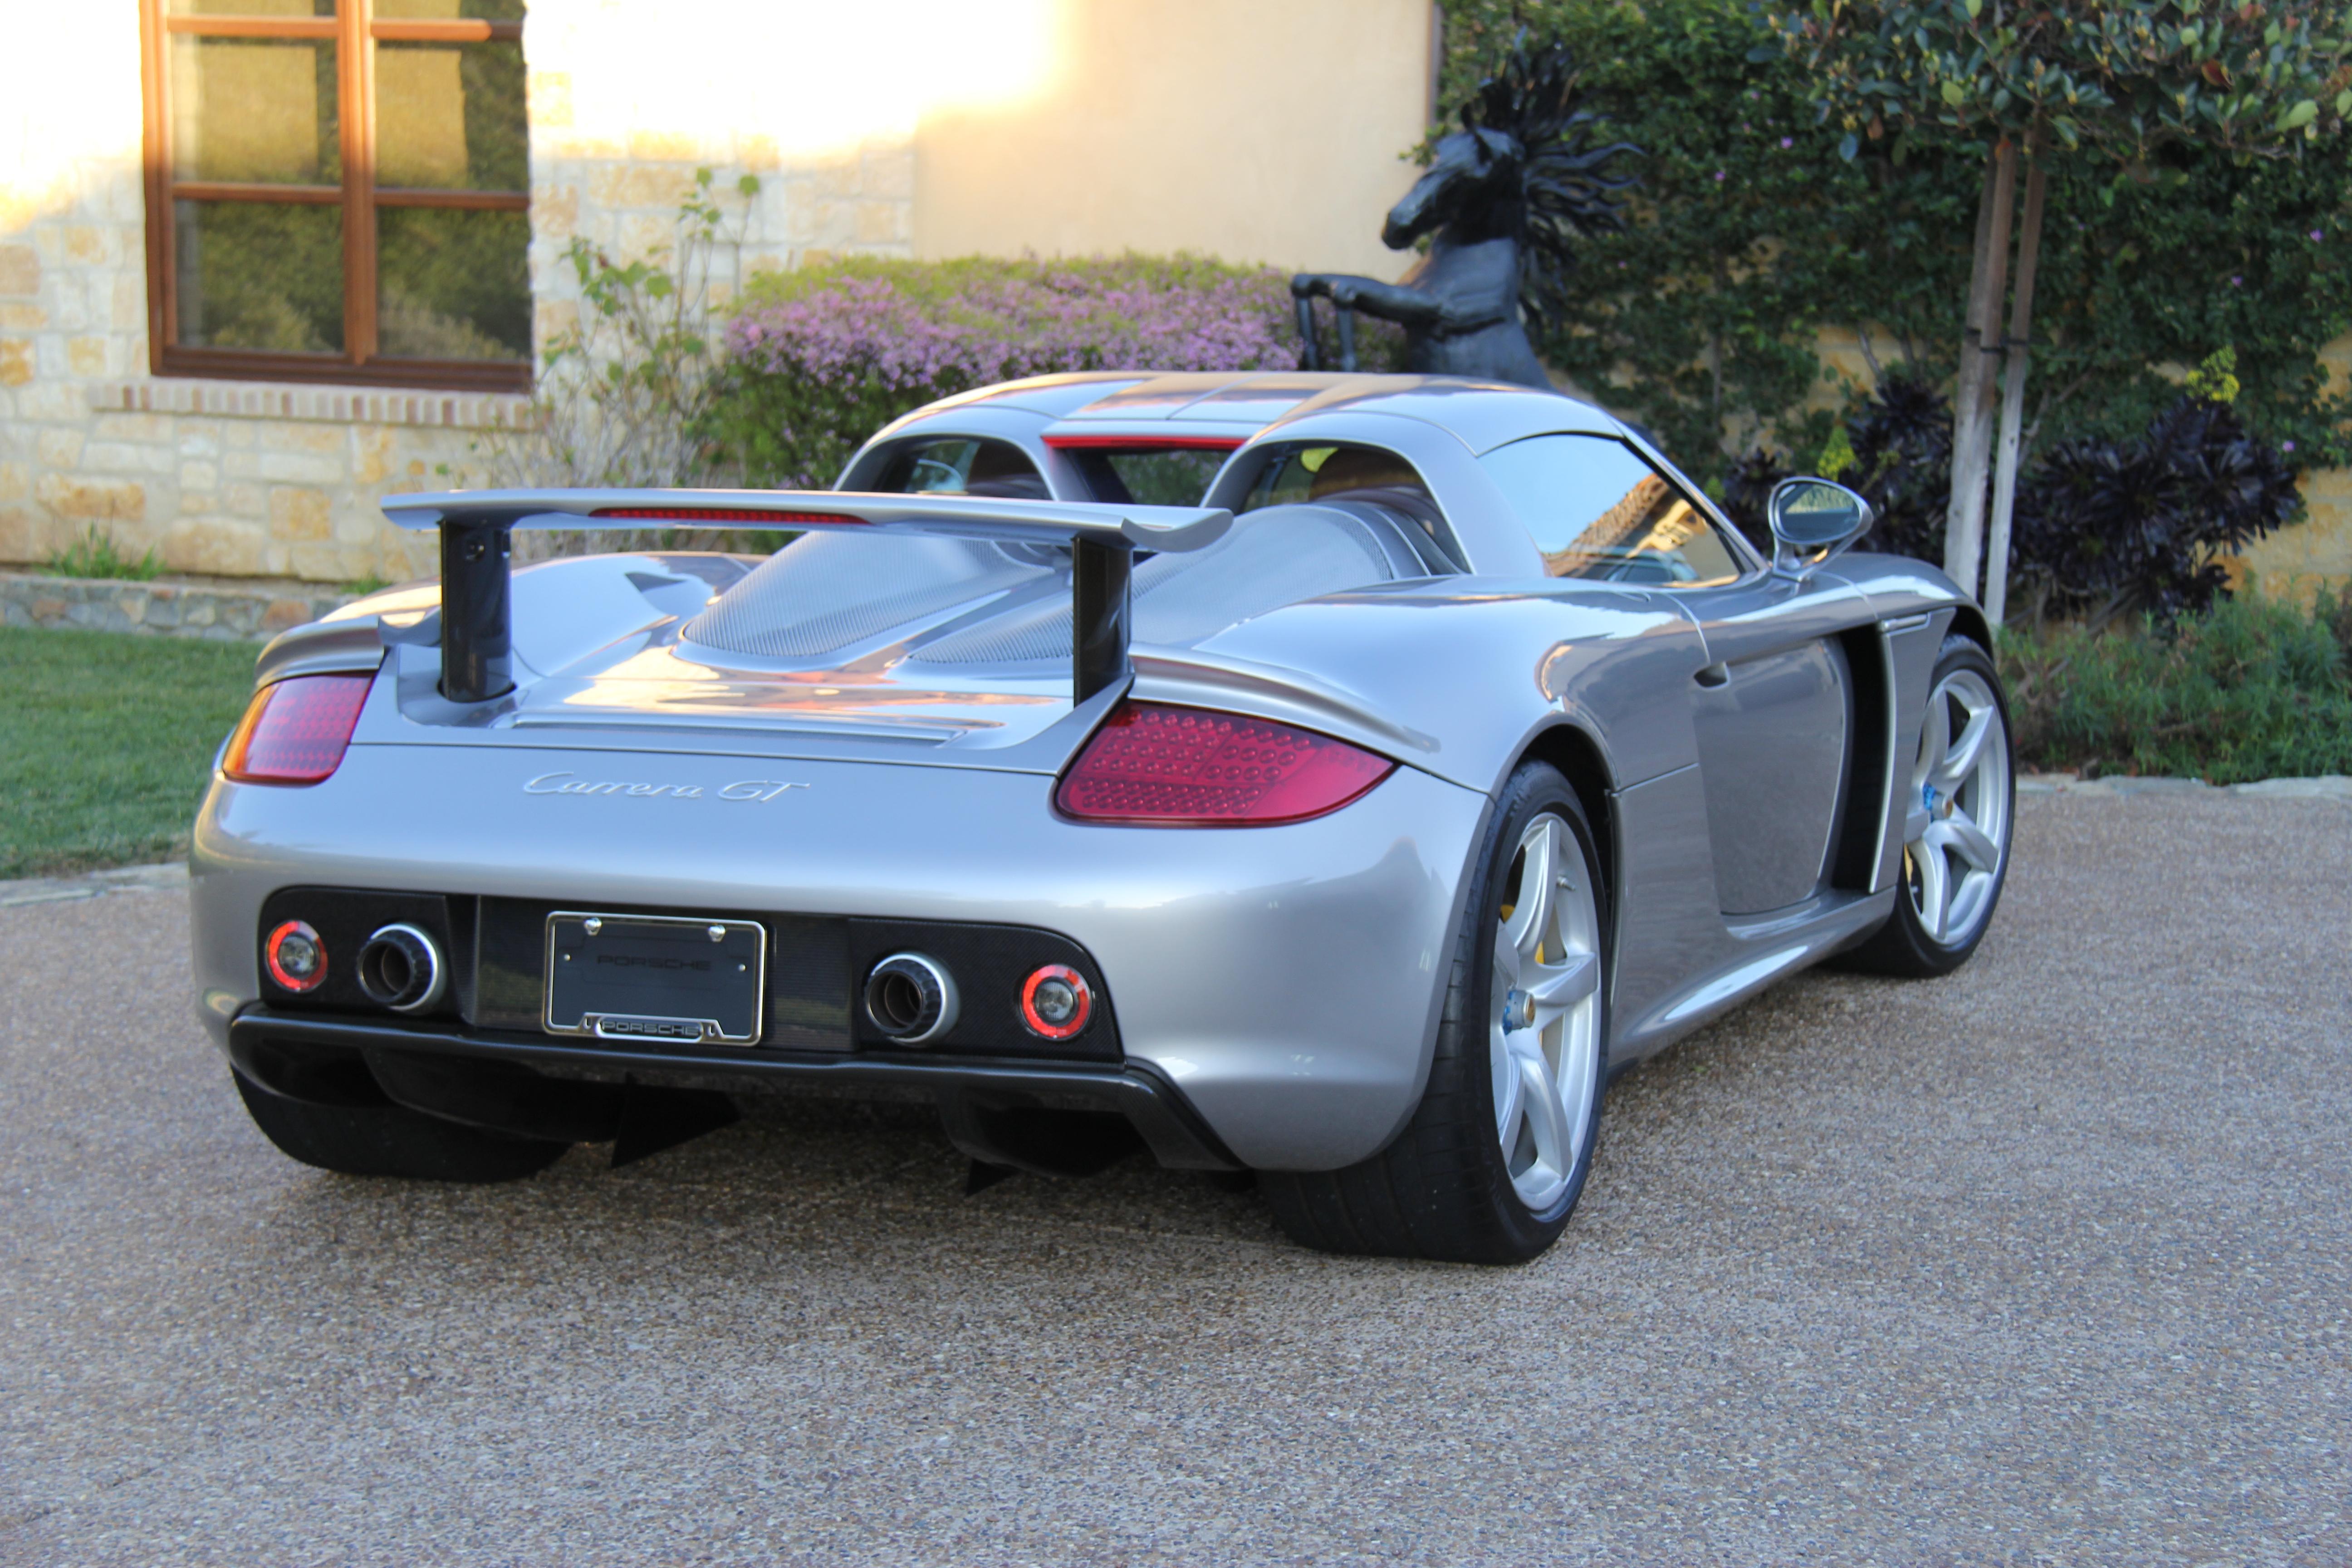 2005 Carrera GT, Dino Restoration, Jon Gunderson